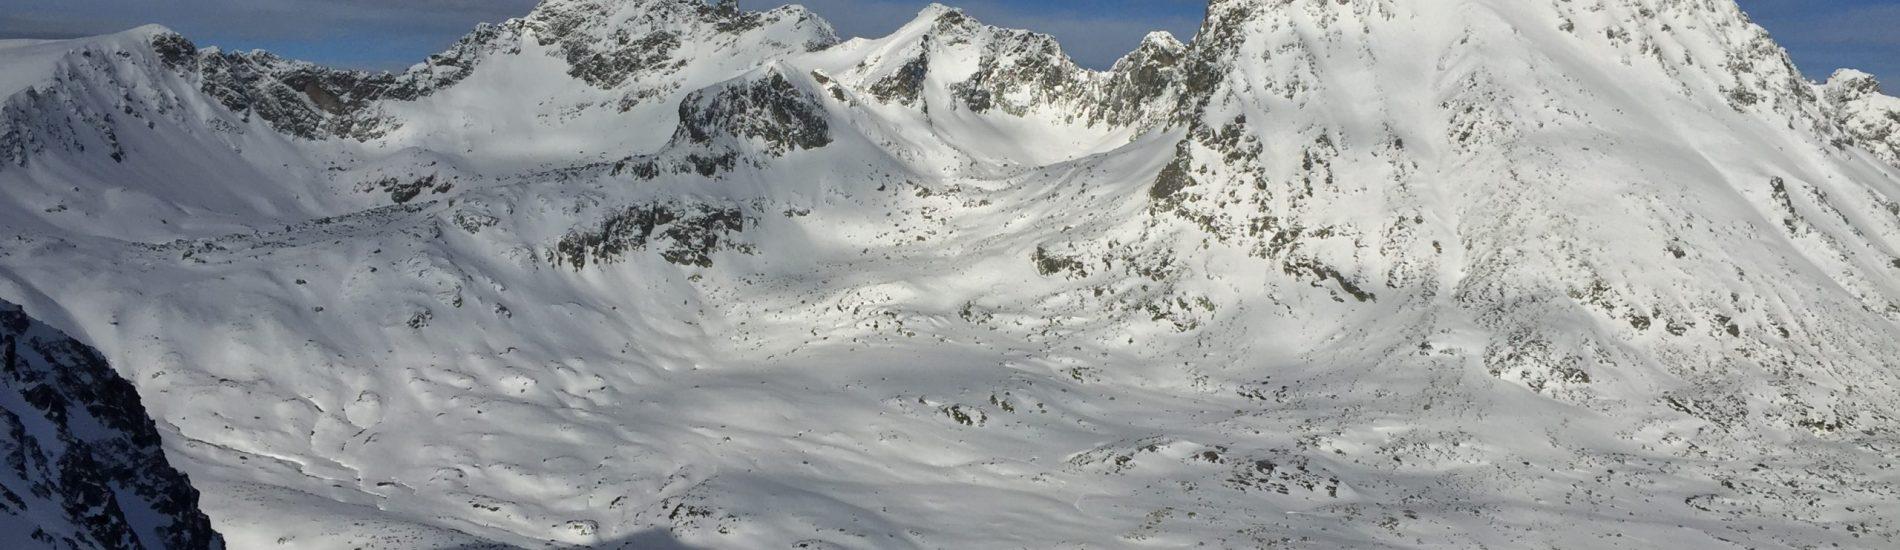 W Tatrach człowiek wie, że jest gdzie indziej